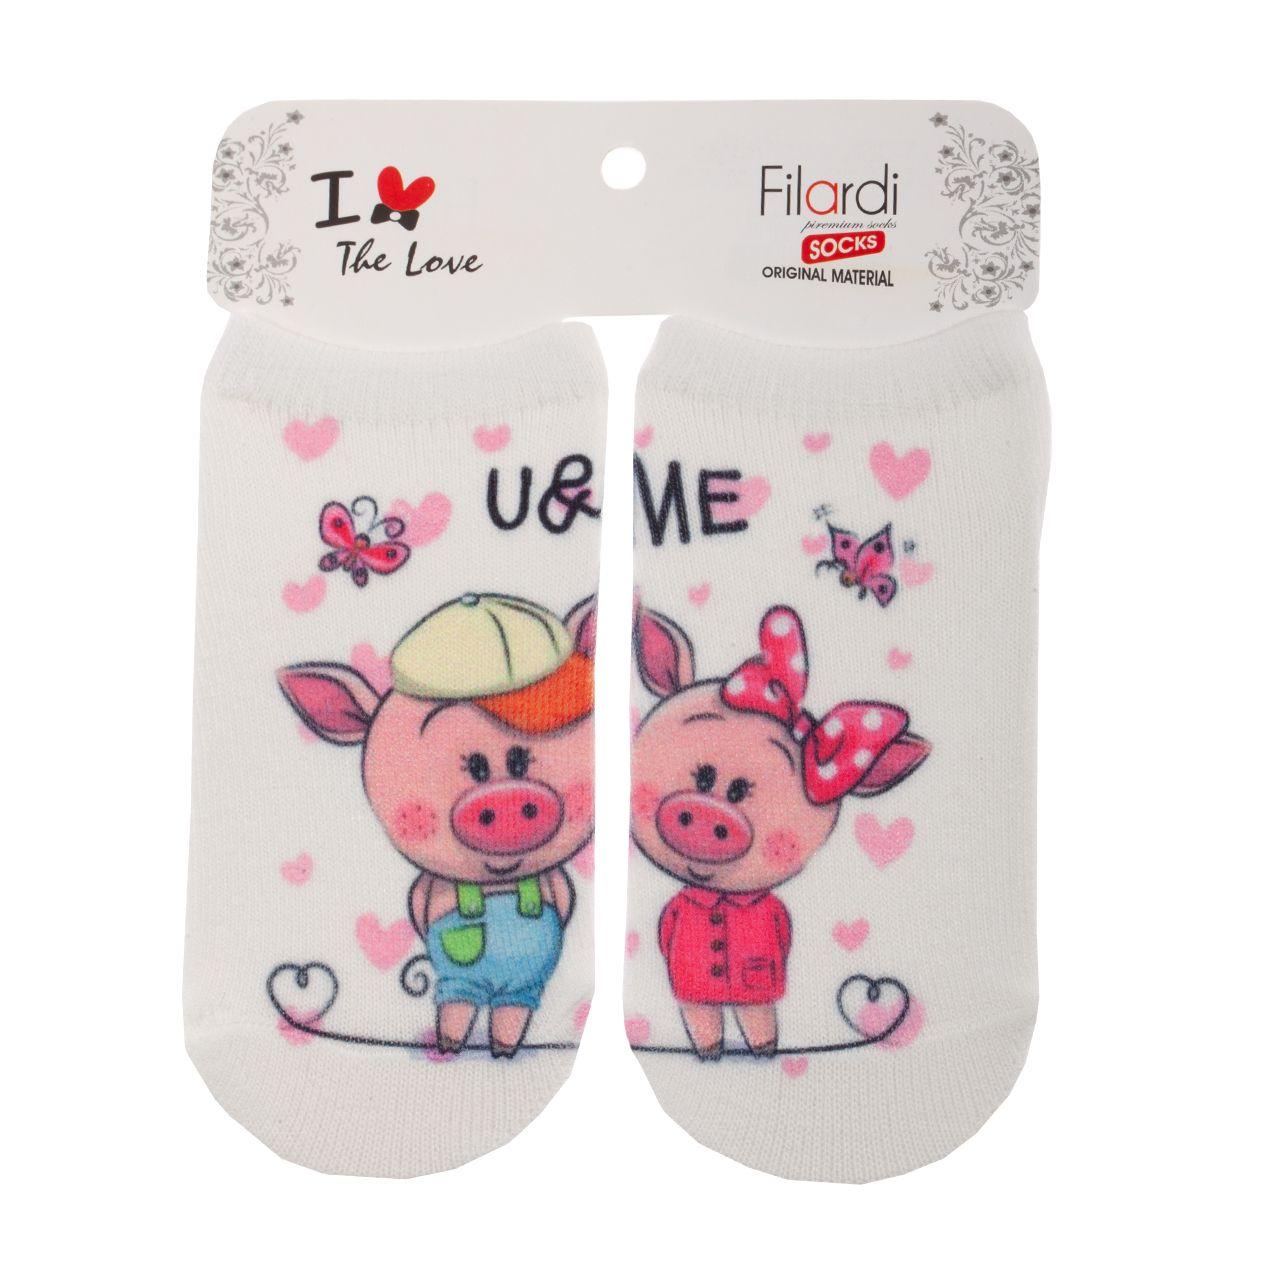 جوراب نوزاد فیلاردی طرح خوک کوچولو -  - 1